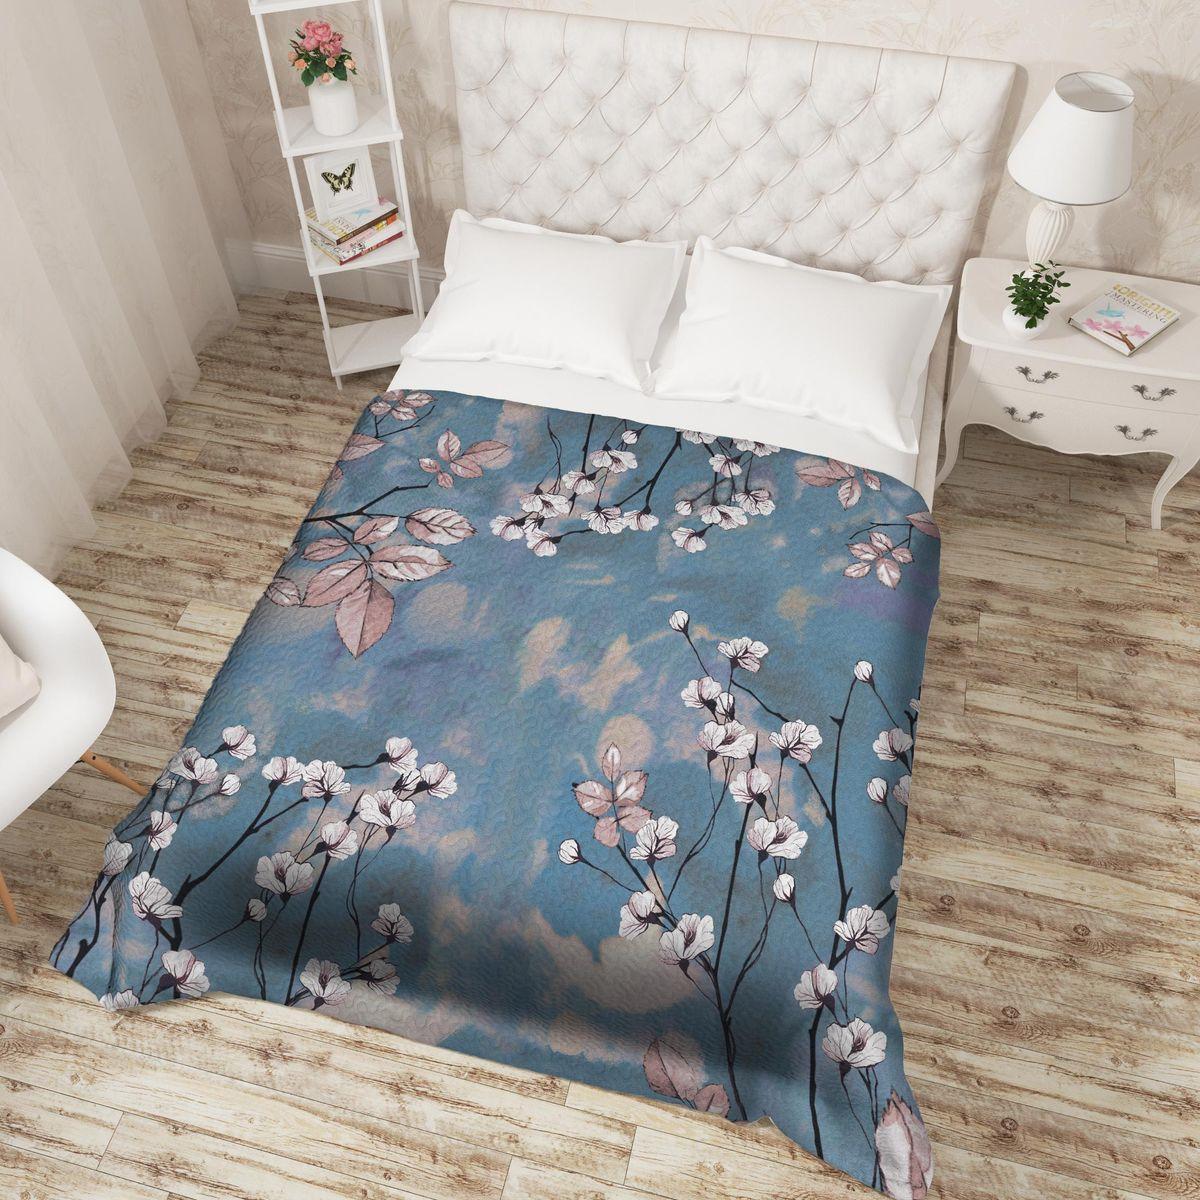 Покрывало Сирень Неизвестный цветок, ПКМК005-14319, синий, 220х200